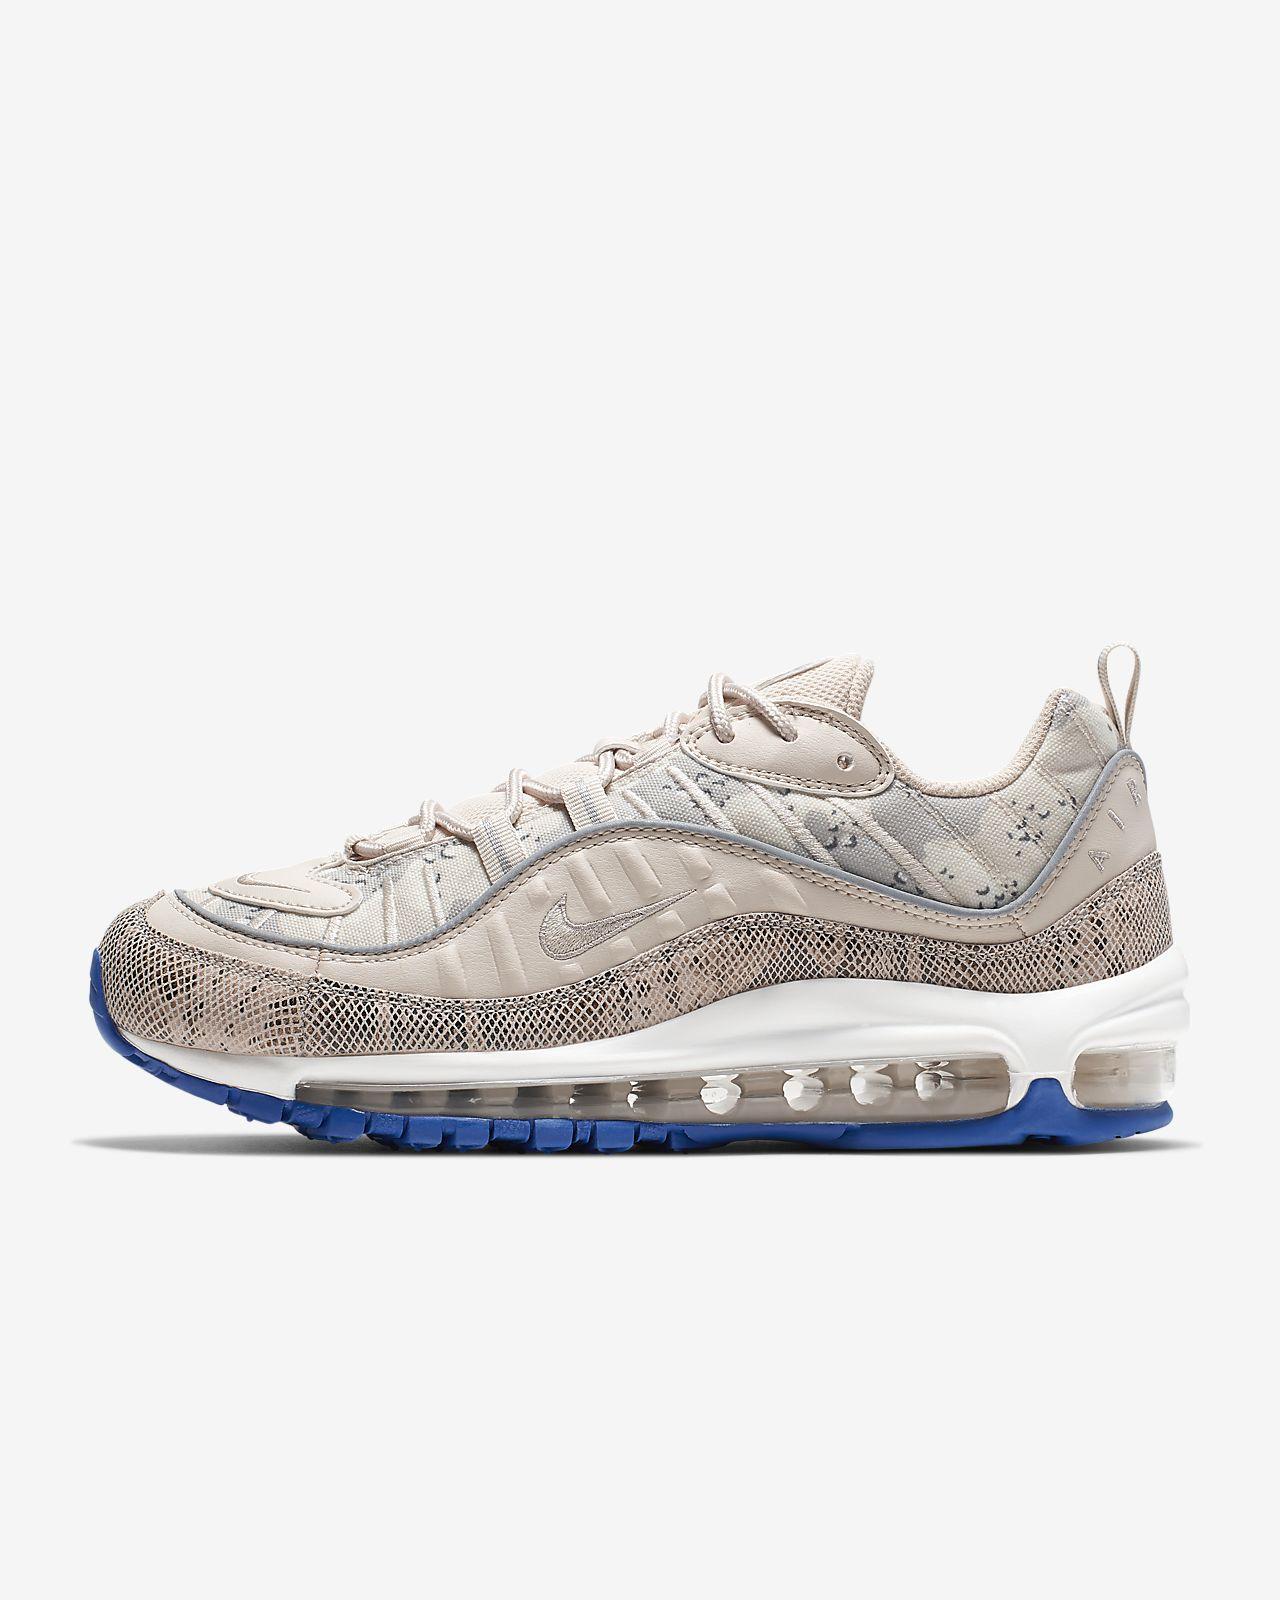 Nike Air Max 98 Premium Camo-sko til kvinder